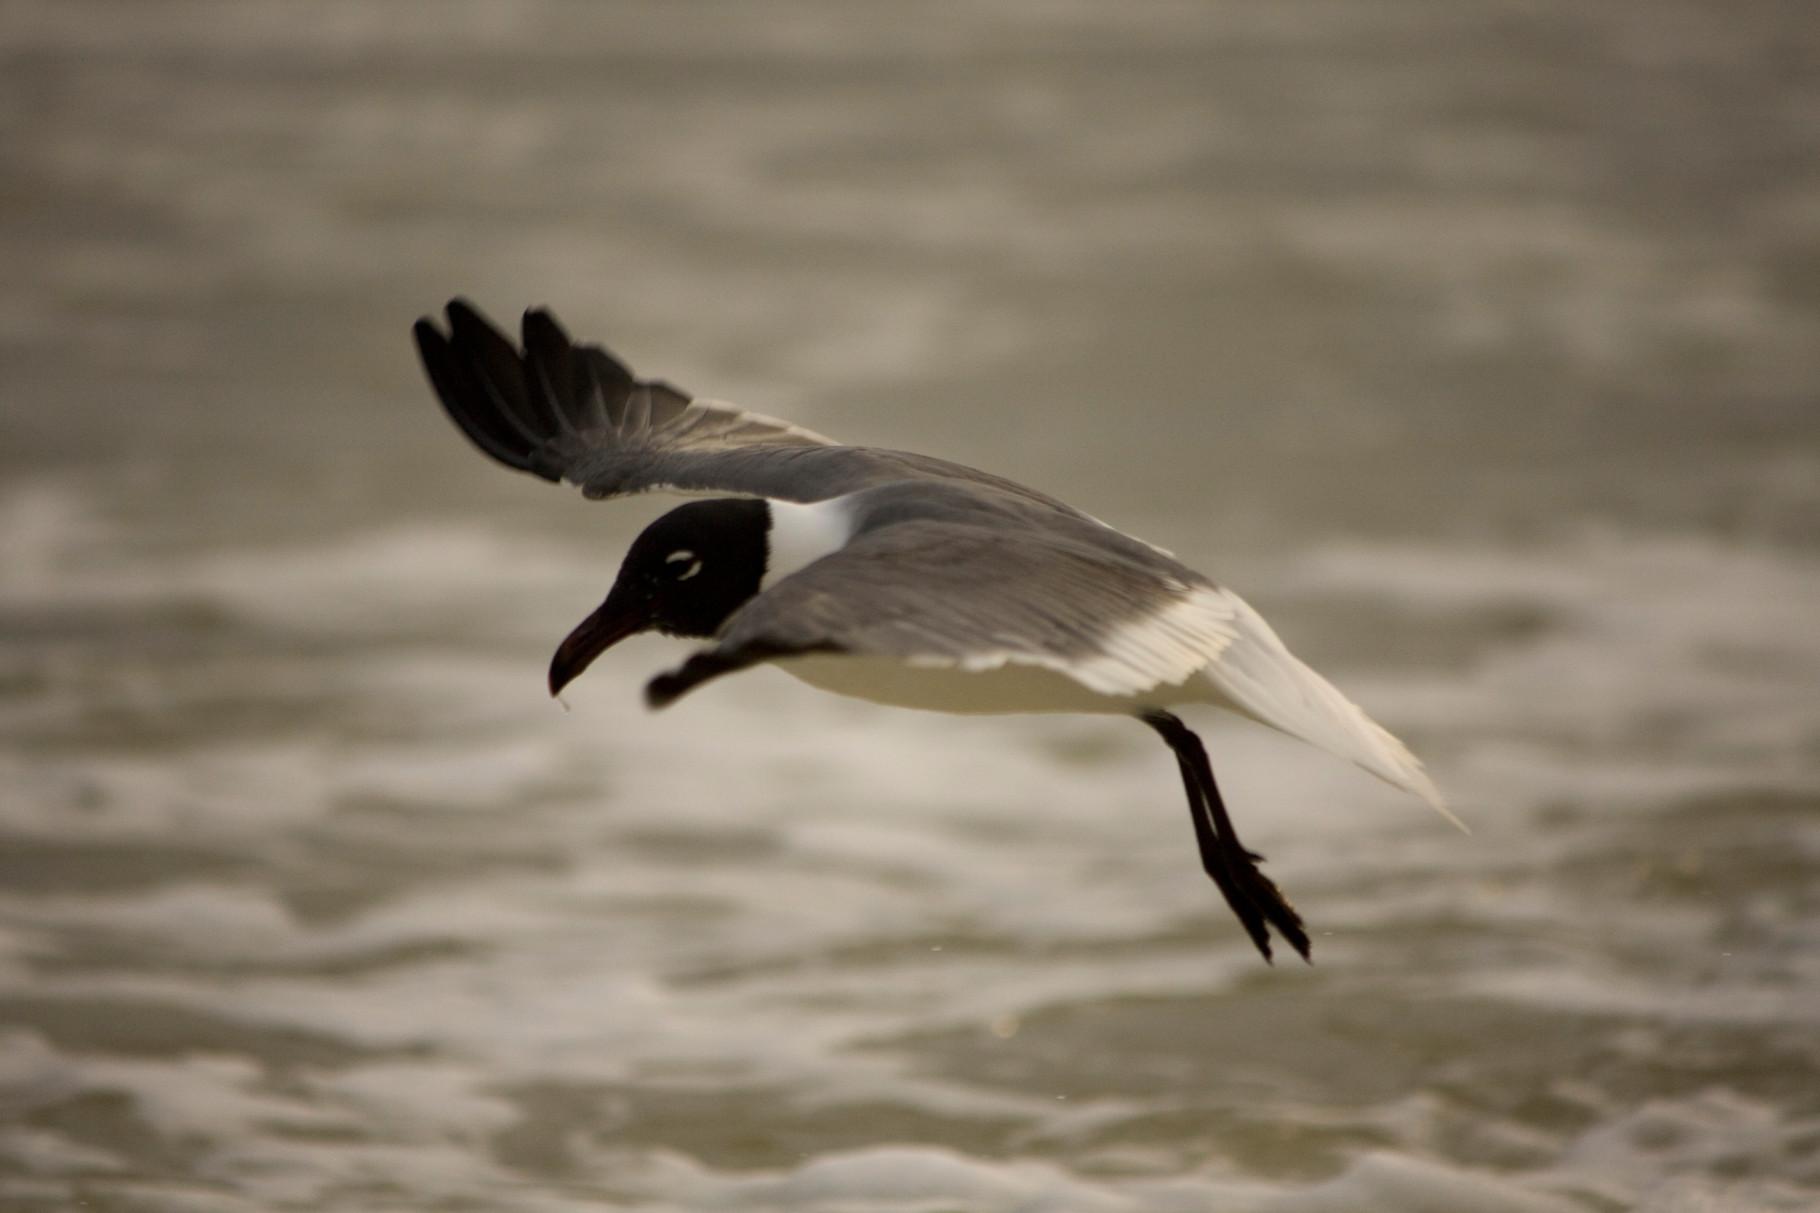 21_Möwe (gull) in Fort Walton Beach in Florida